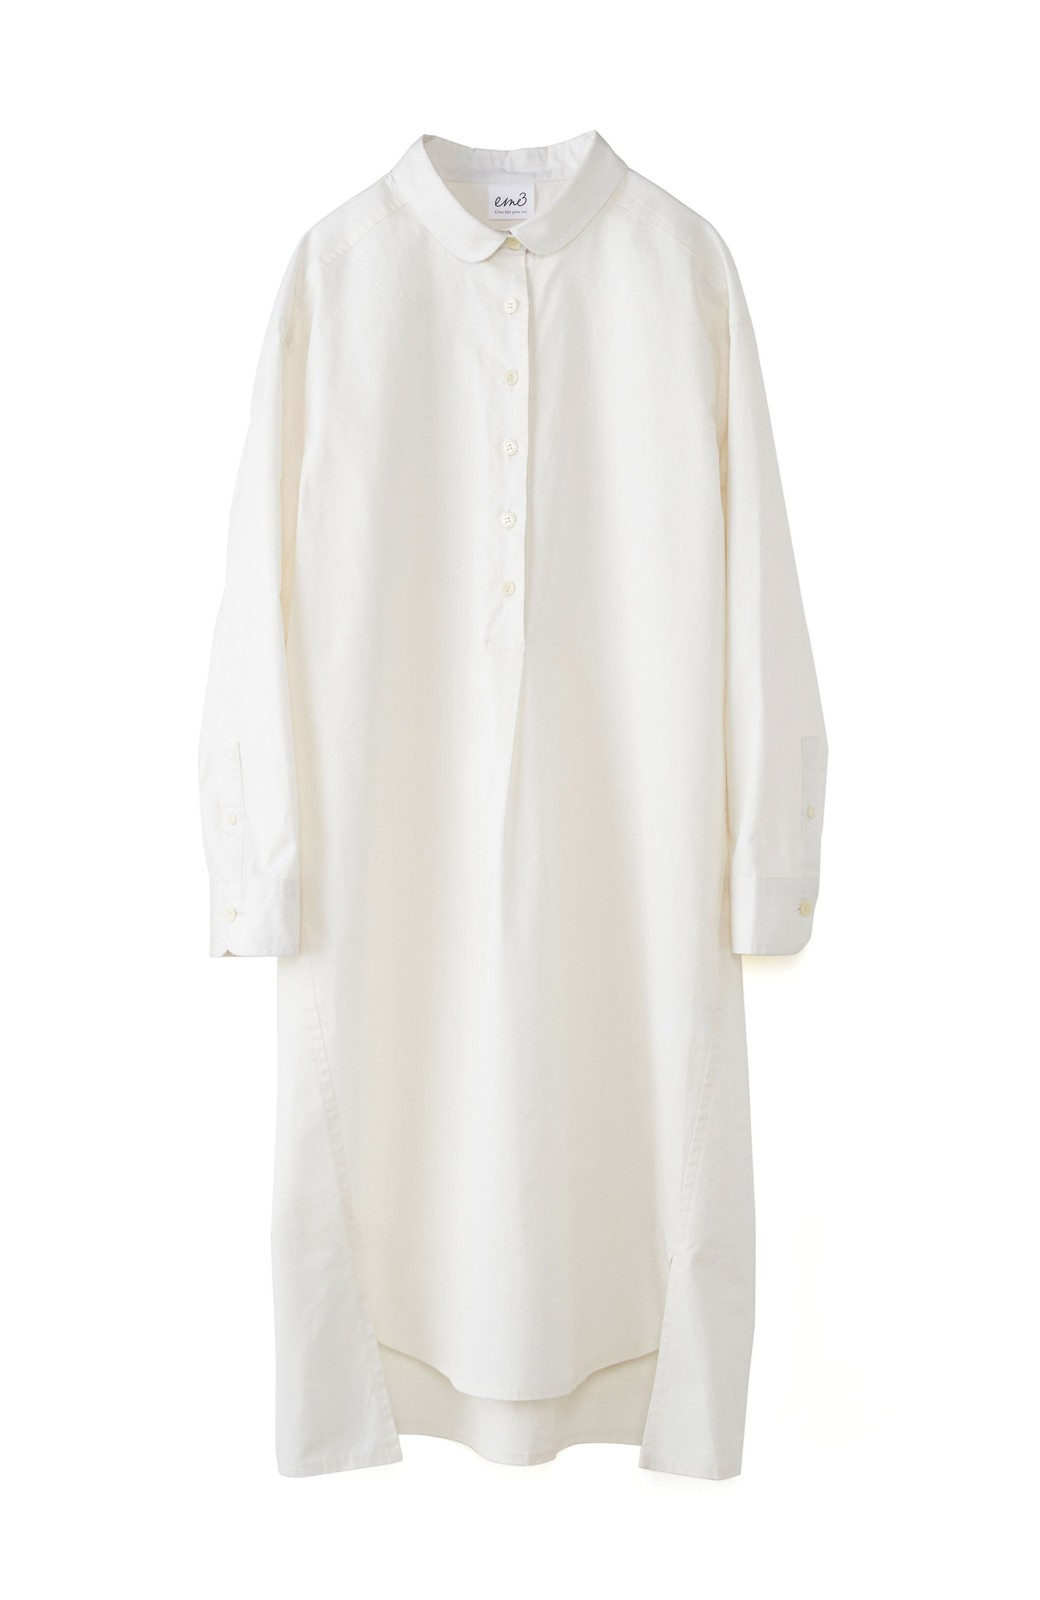 エムトロワ 長い季節使える 重ね着にも便利な丸衿シャツワンピース <ホワイト>の商品写真1